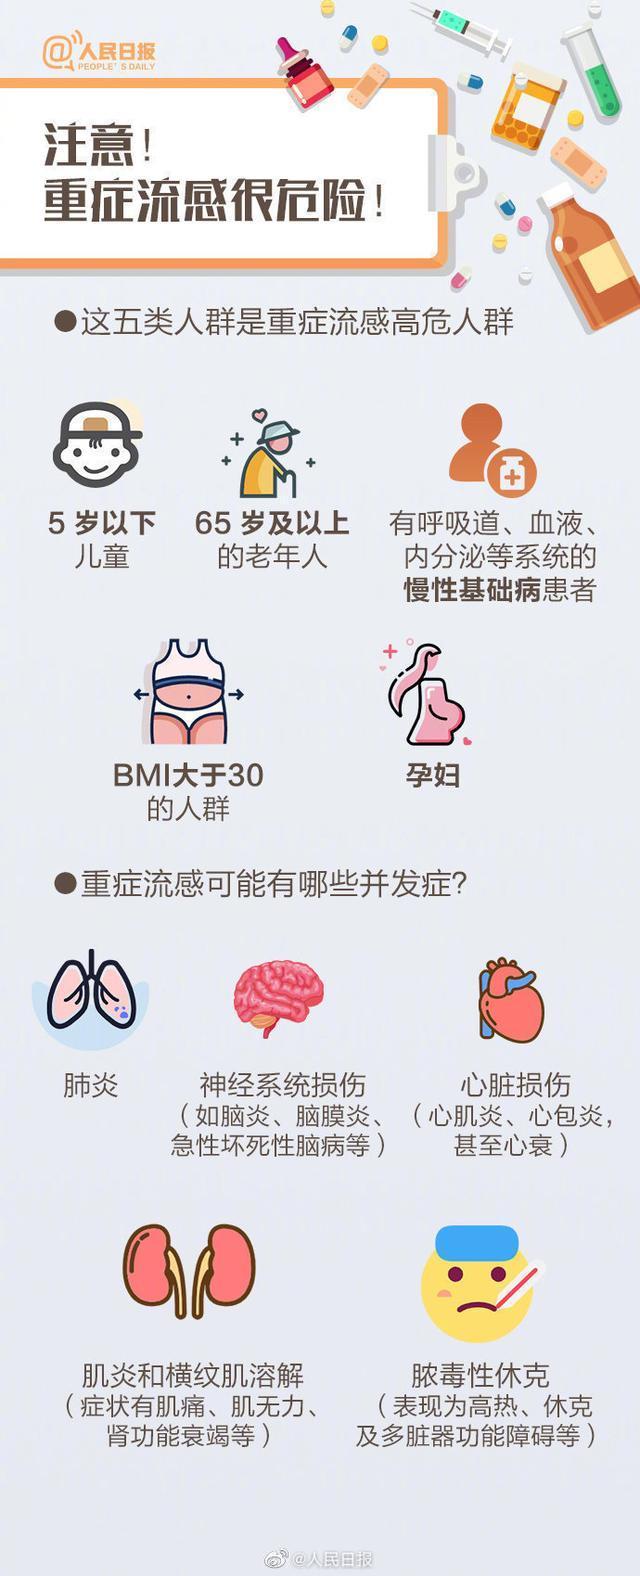 流感与普通感冒有什么不同?如何区分流感和新冠肺炎